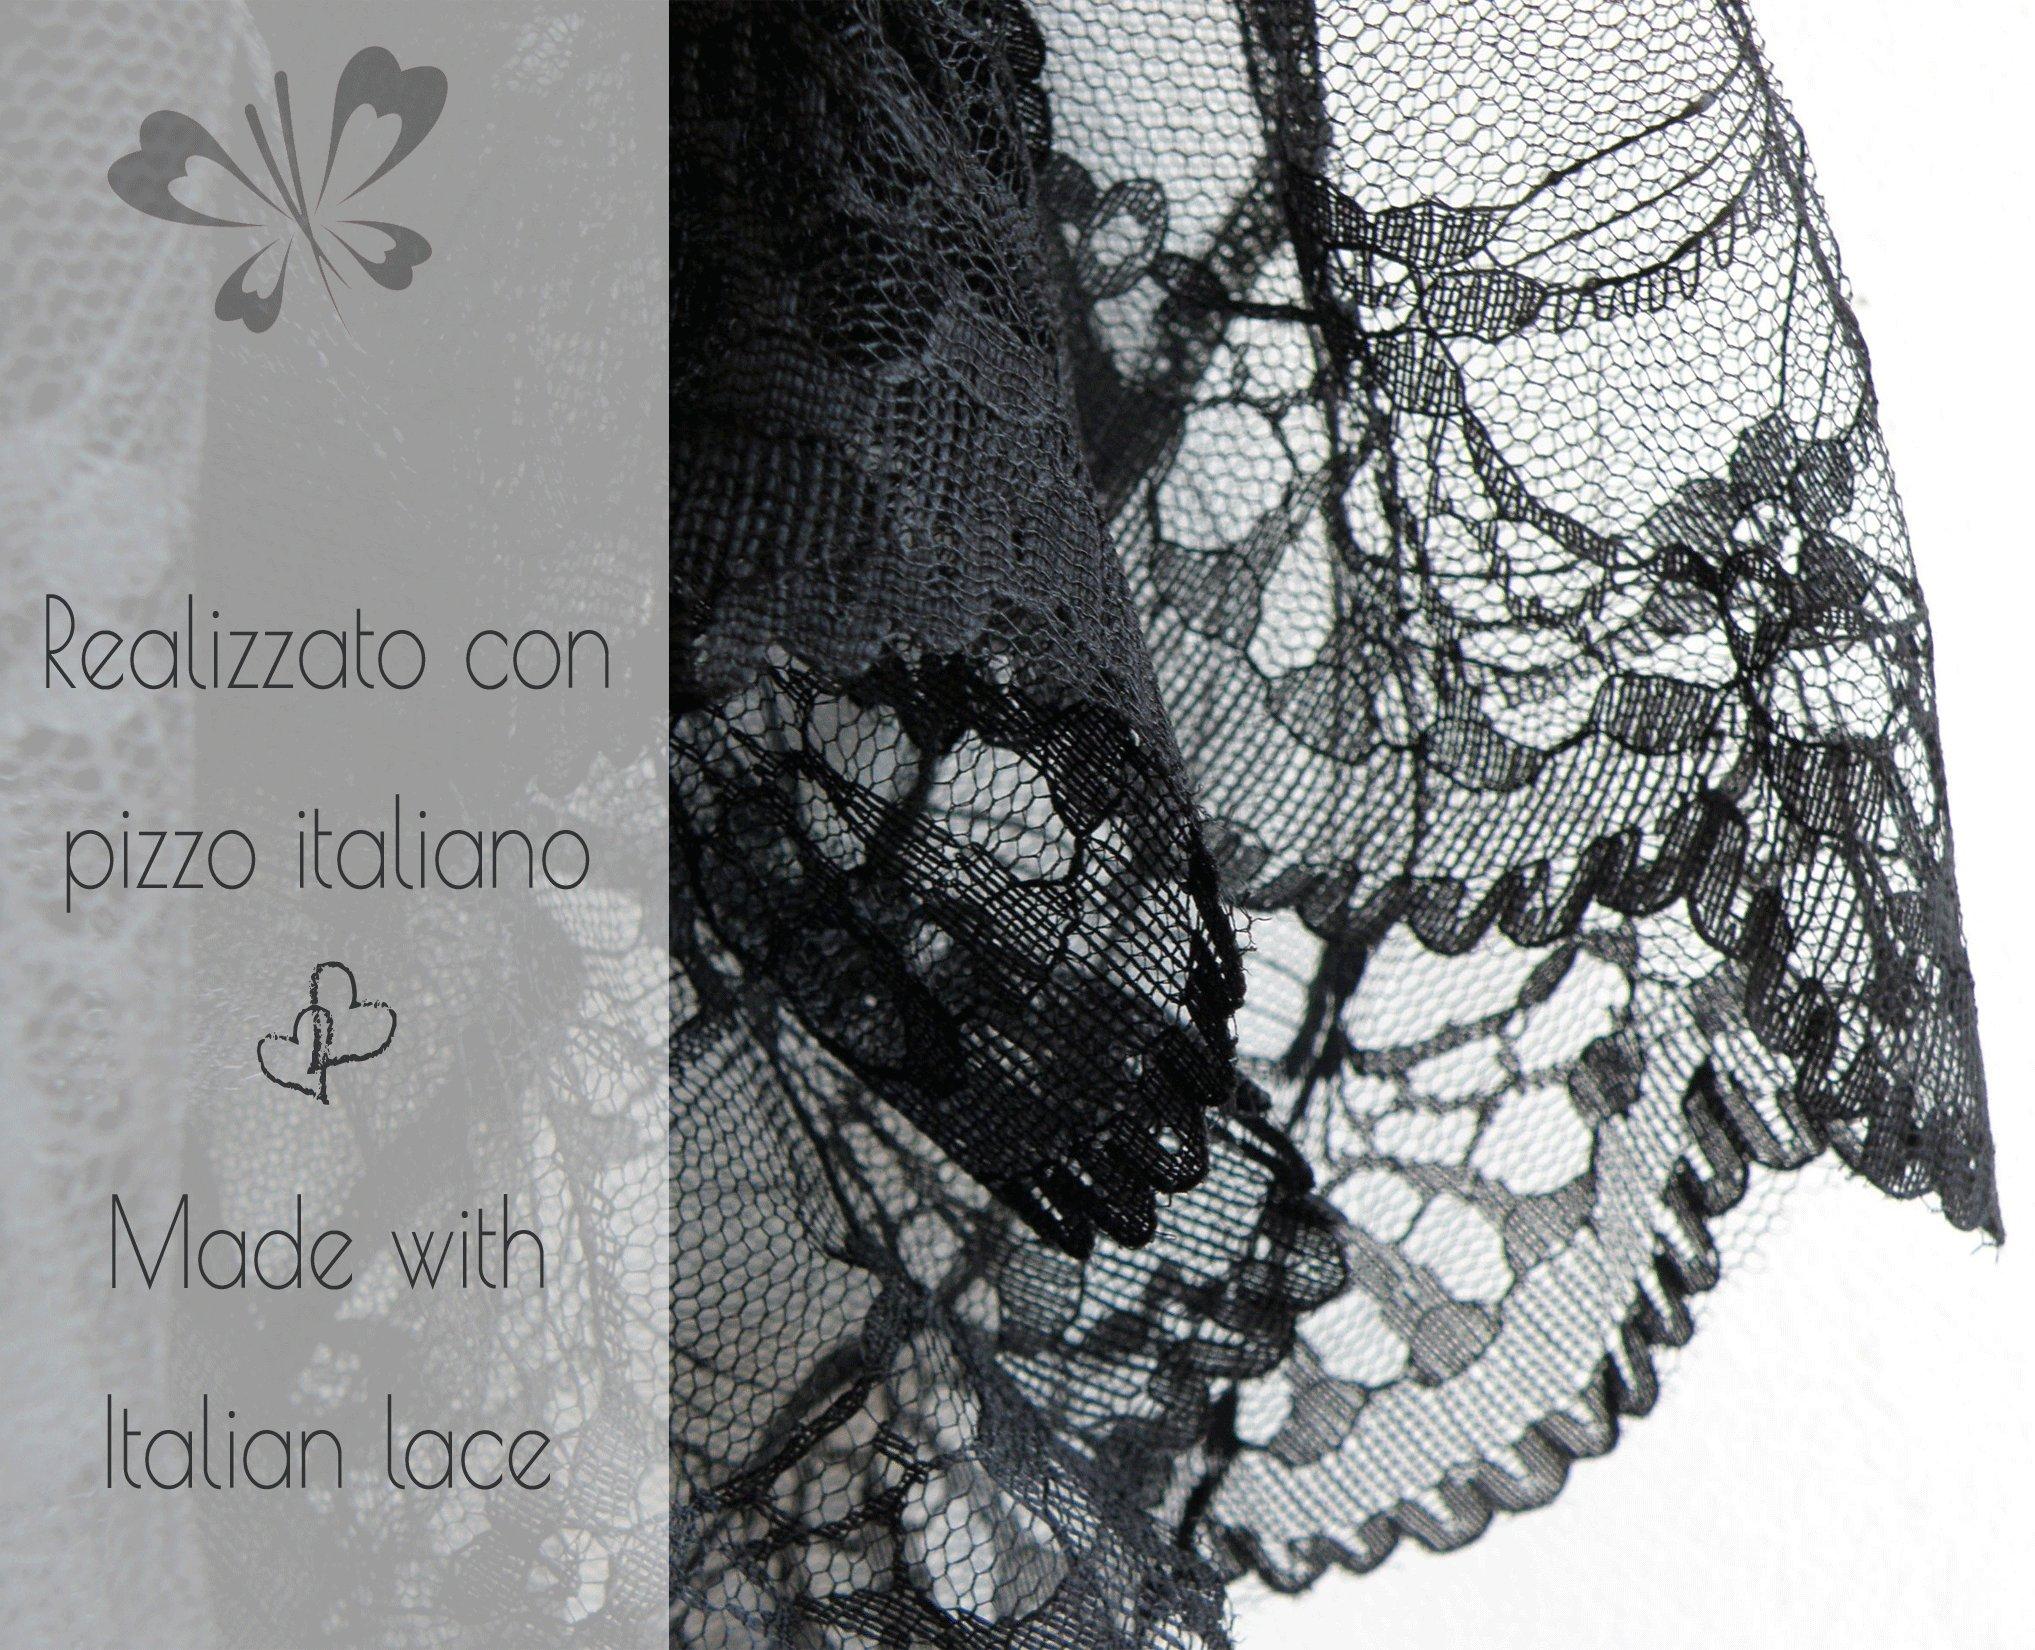 Mamma Mia Fashion PA0854 Reggiseno Allattamento maternit/à e Premaman Made in Italy in Morbido Cotone Anallergico Brassiere Schiena Vogatore in Pizzo Senza Ganci e Coppe Preformate Senza Ferretto